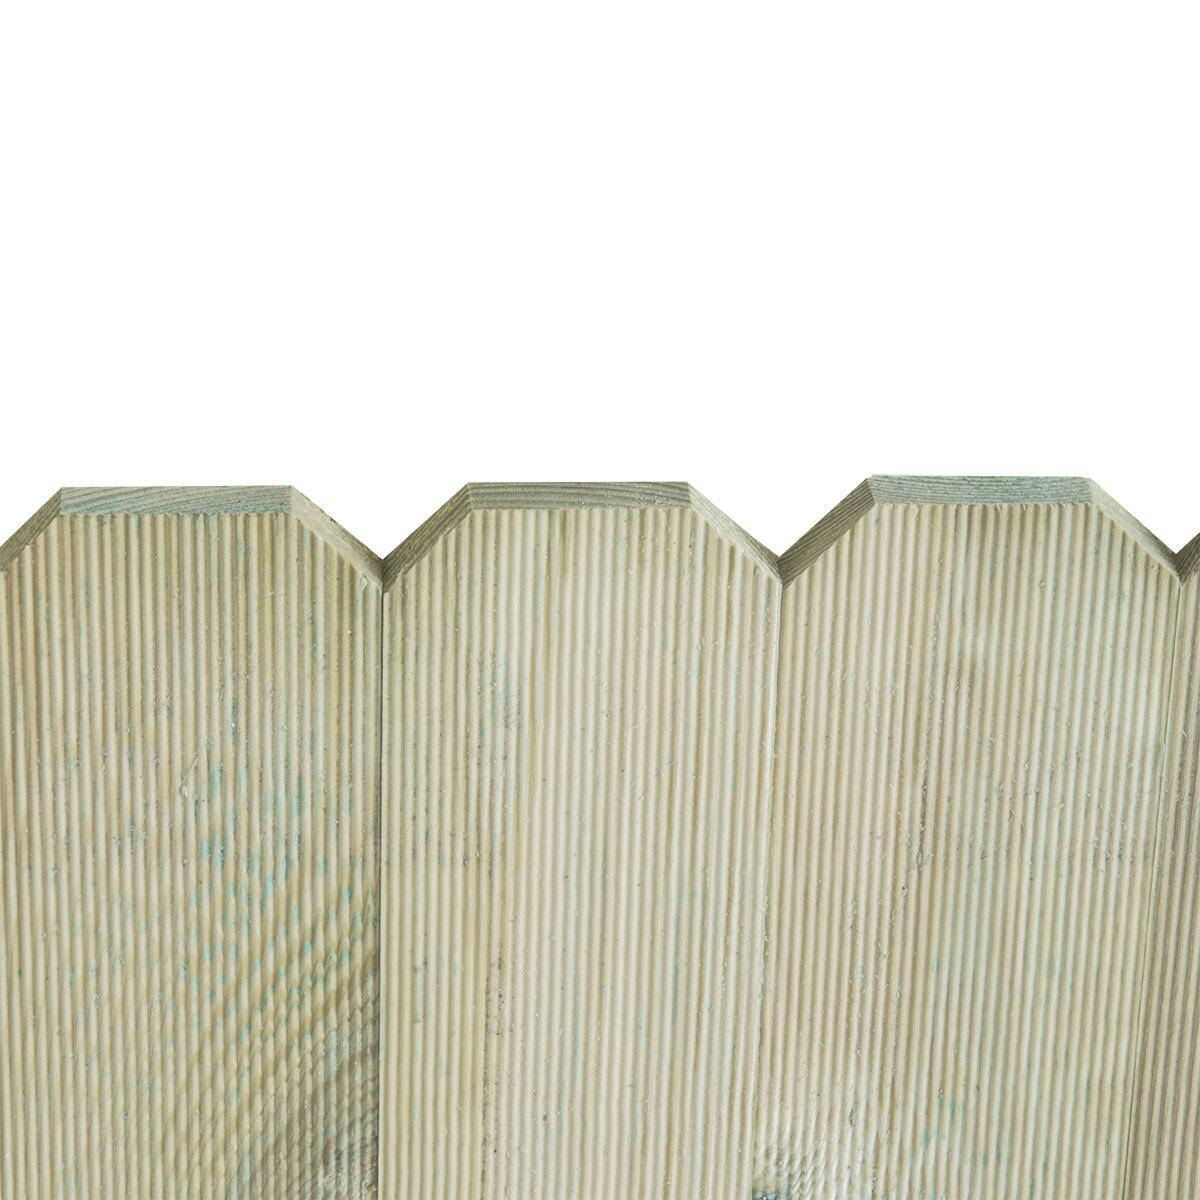 Bordo in legno L 120 x H 45 cm Sp 3.1 cm - 2